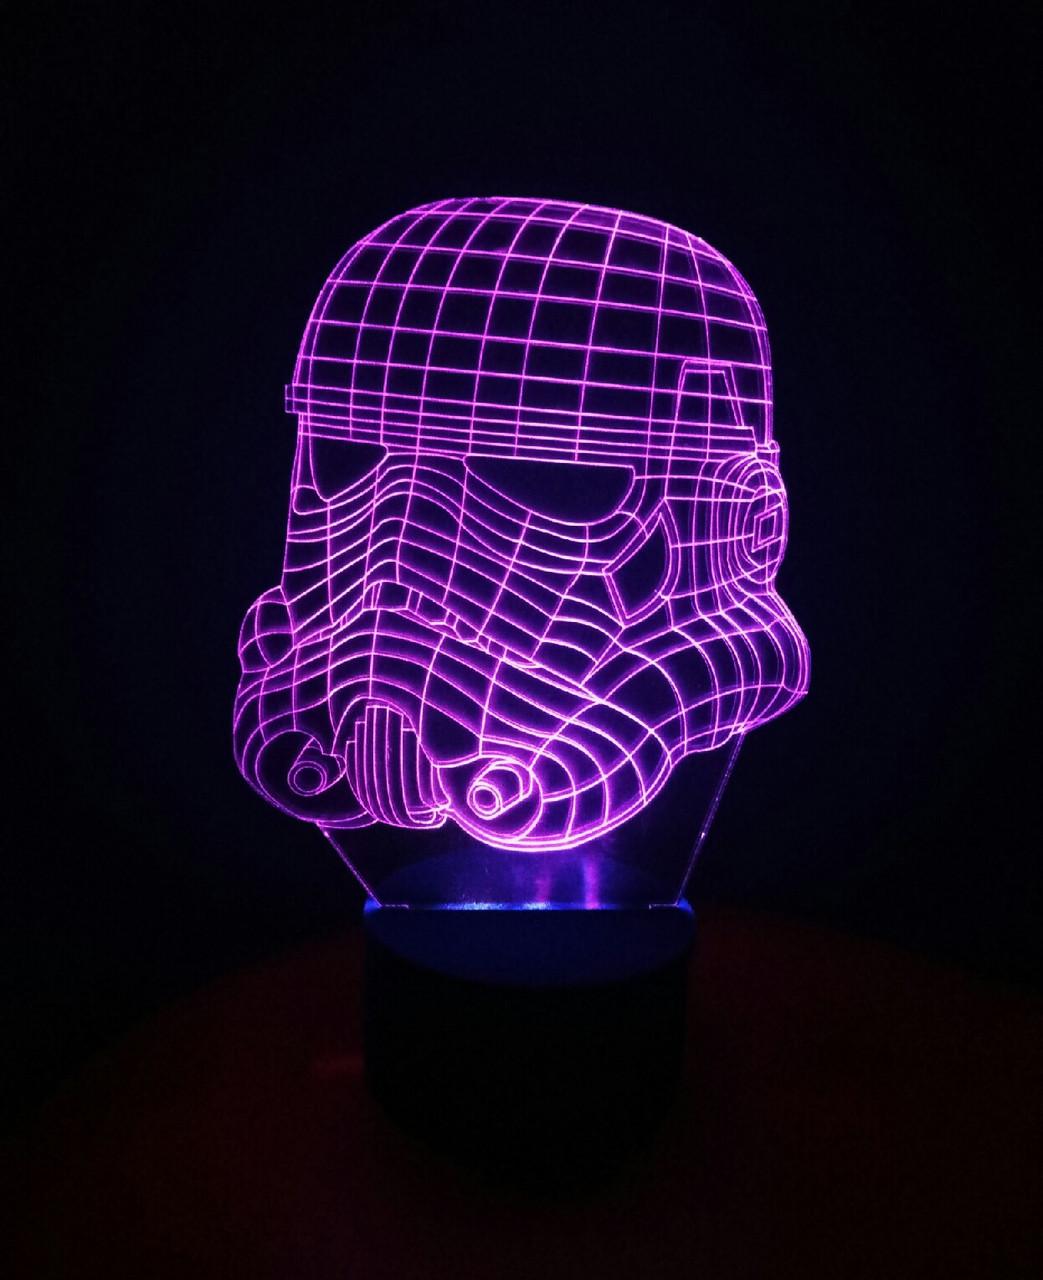 3d-світильник Клон, солдатів (Зоряні війни Star wars), 3д-нічник, кілька підсвічувань (батарейка+220В)